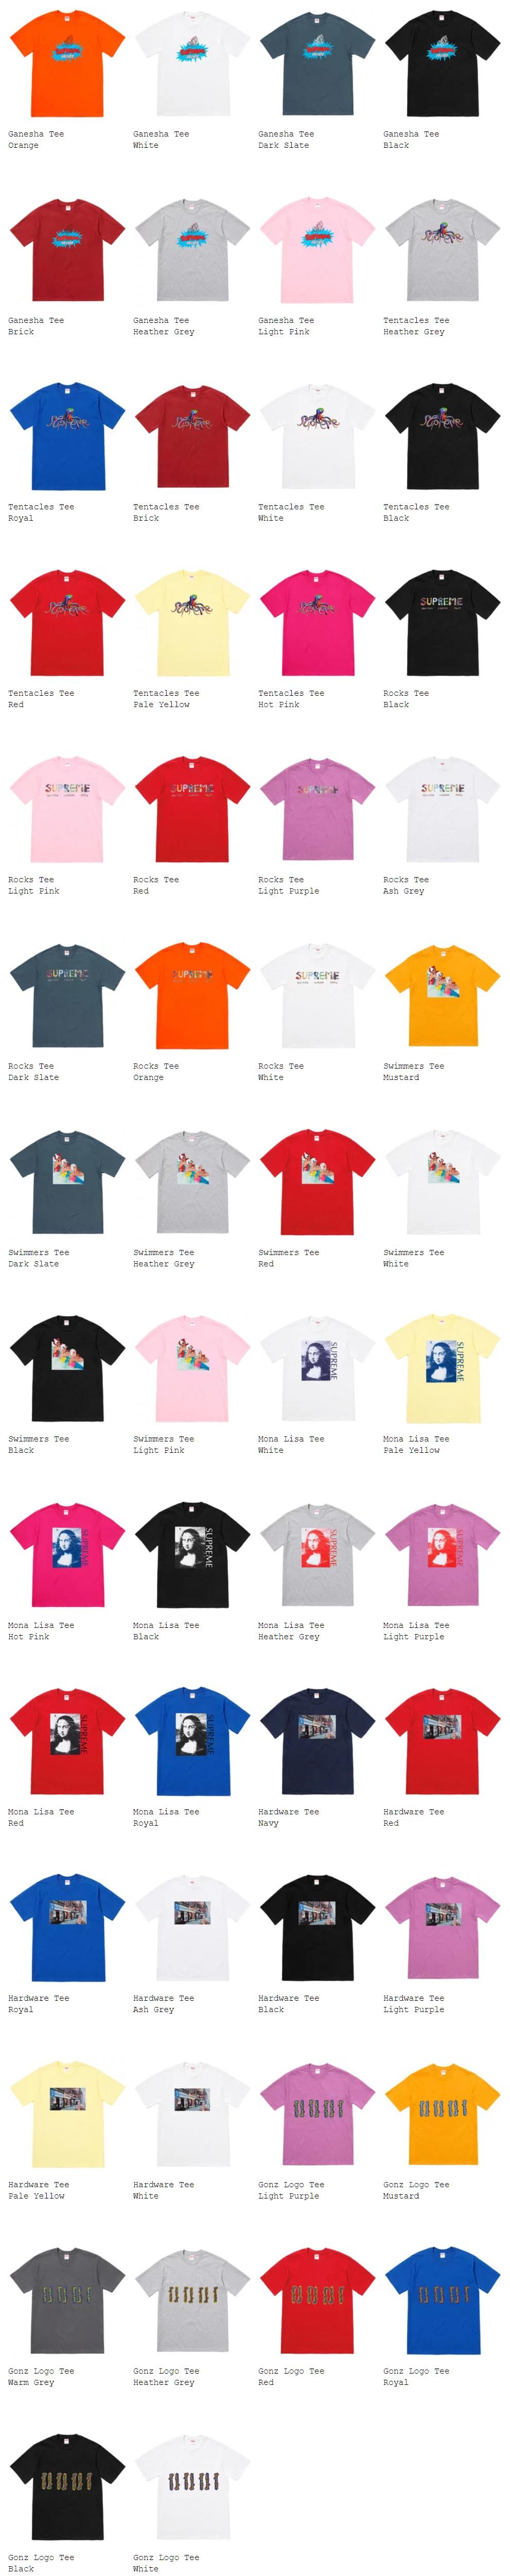 supreme シュプリーム 18ss week19 オンライン配置 Tシャツ